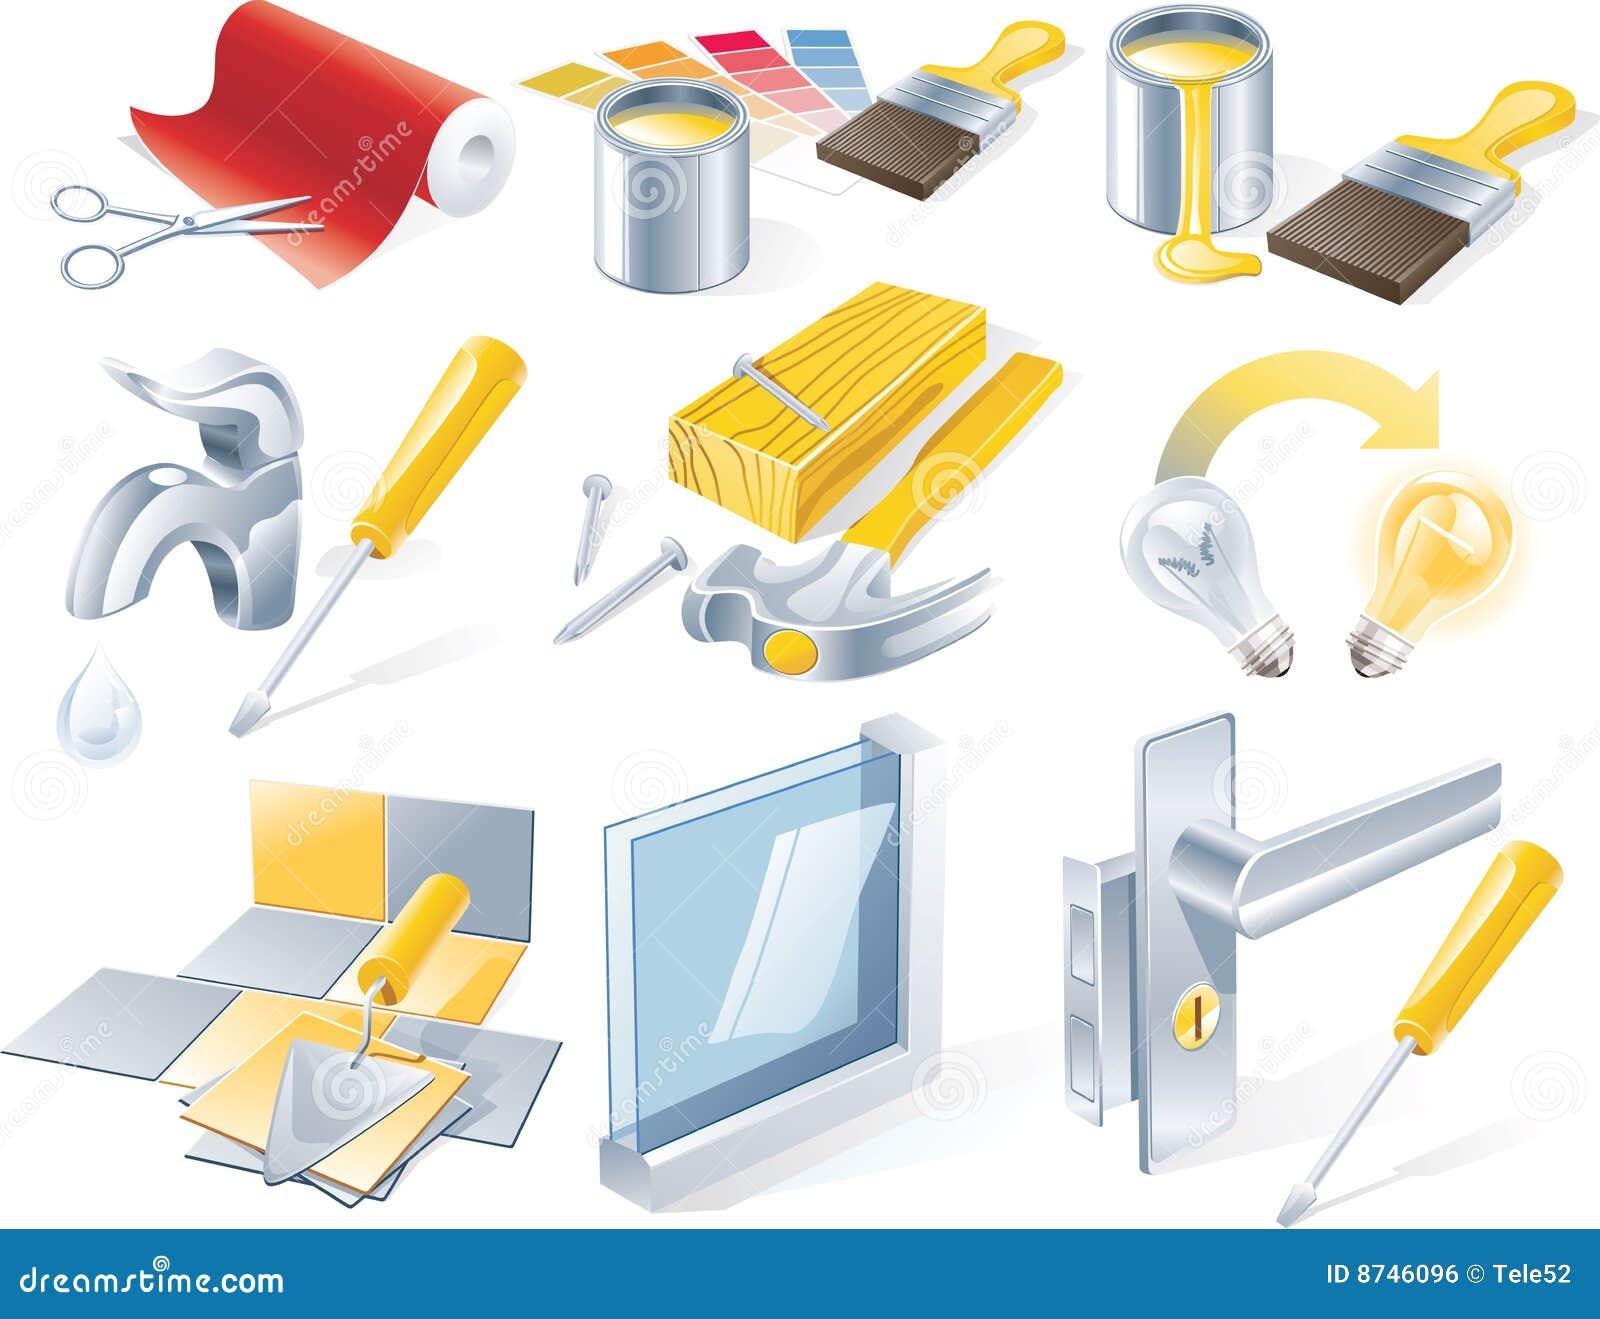 καθορισμένο διάνυσμα υπηρεσιών επισκευής βασικών εικονιδίων